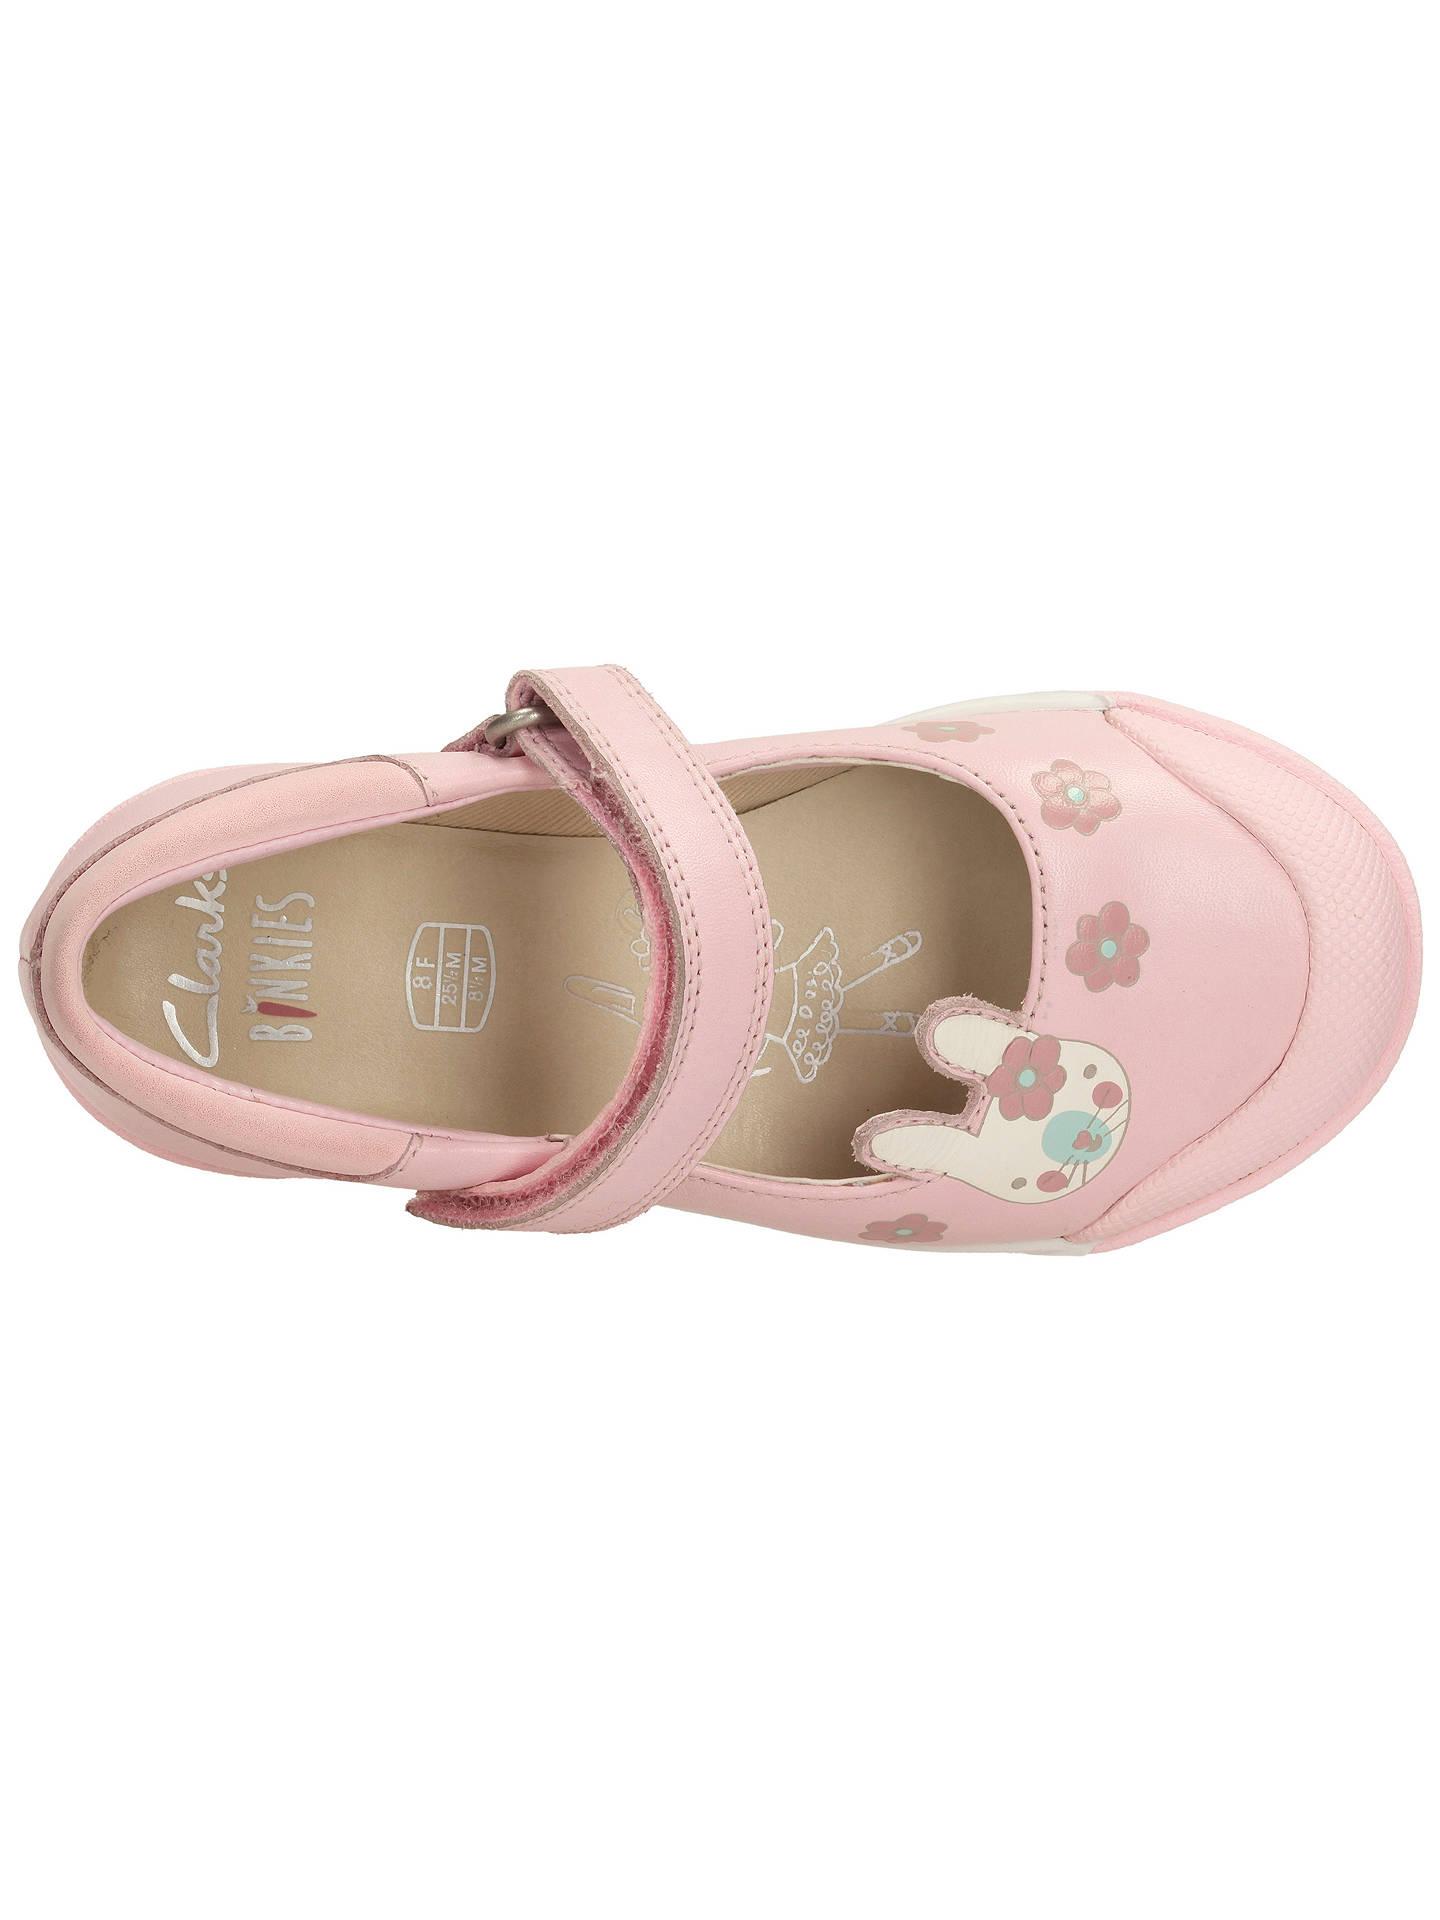 Damen Sandaletten Schaftsandaletten Cut Outs High Heels Zipper 896558 Modatipp